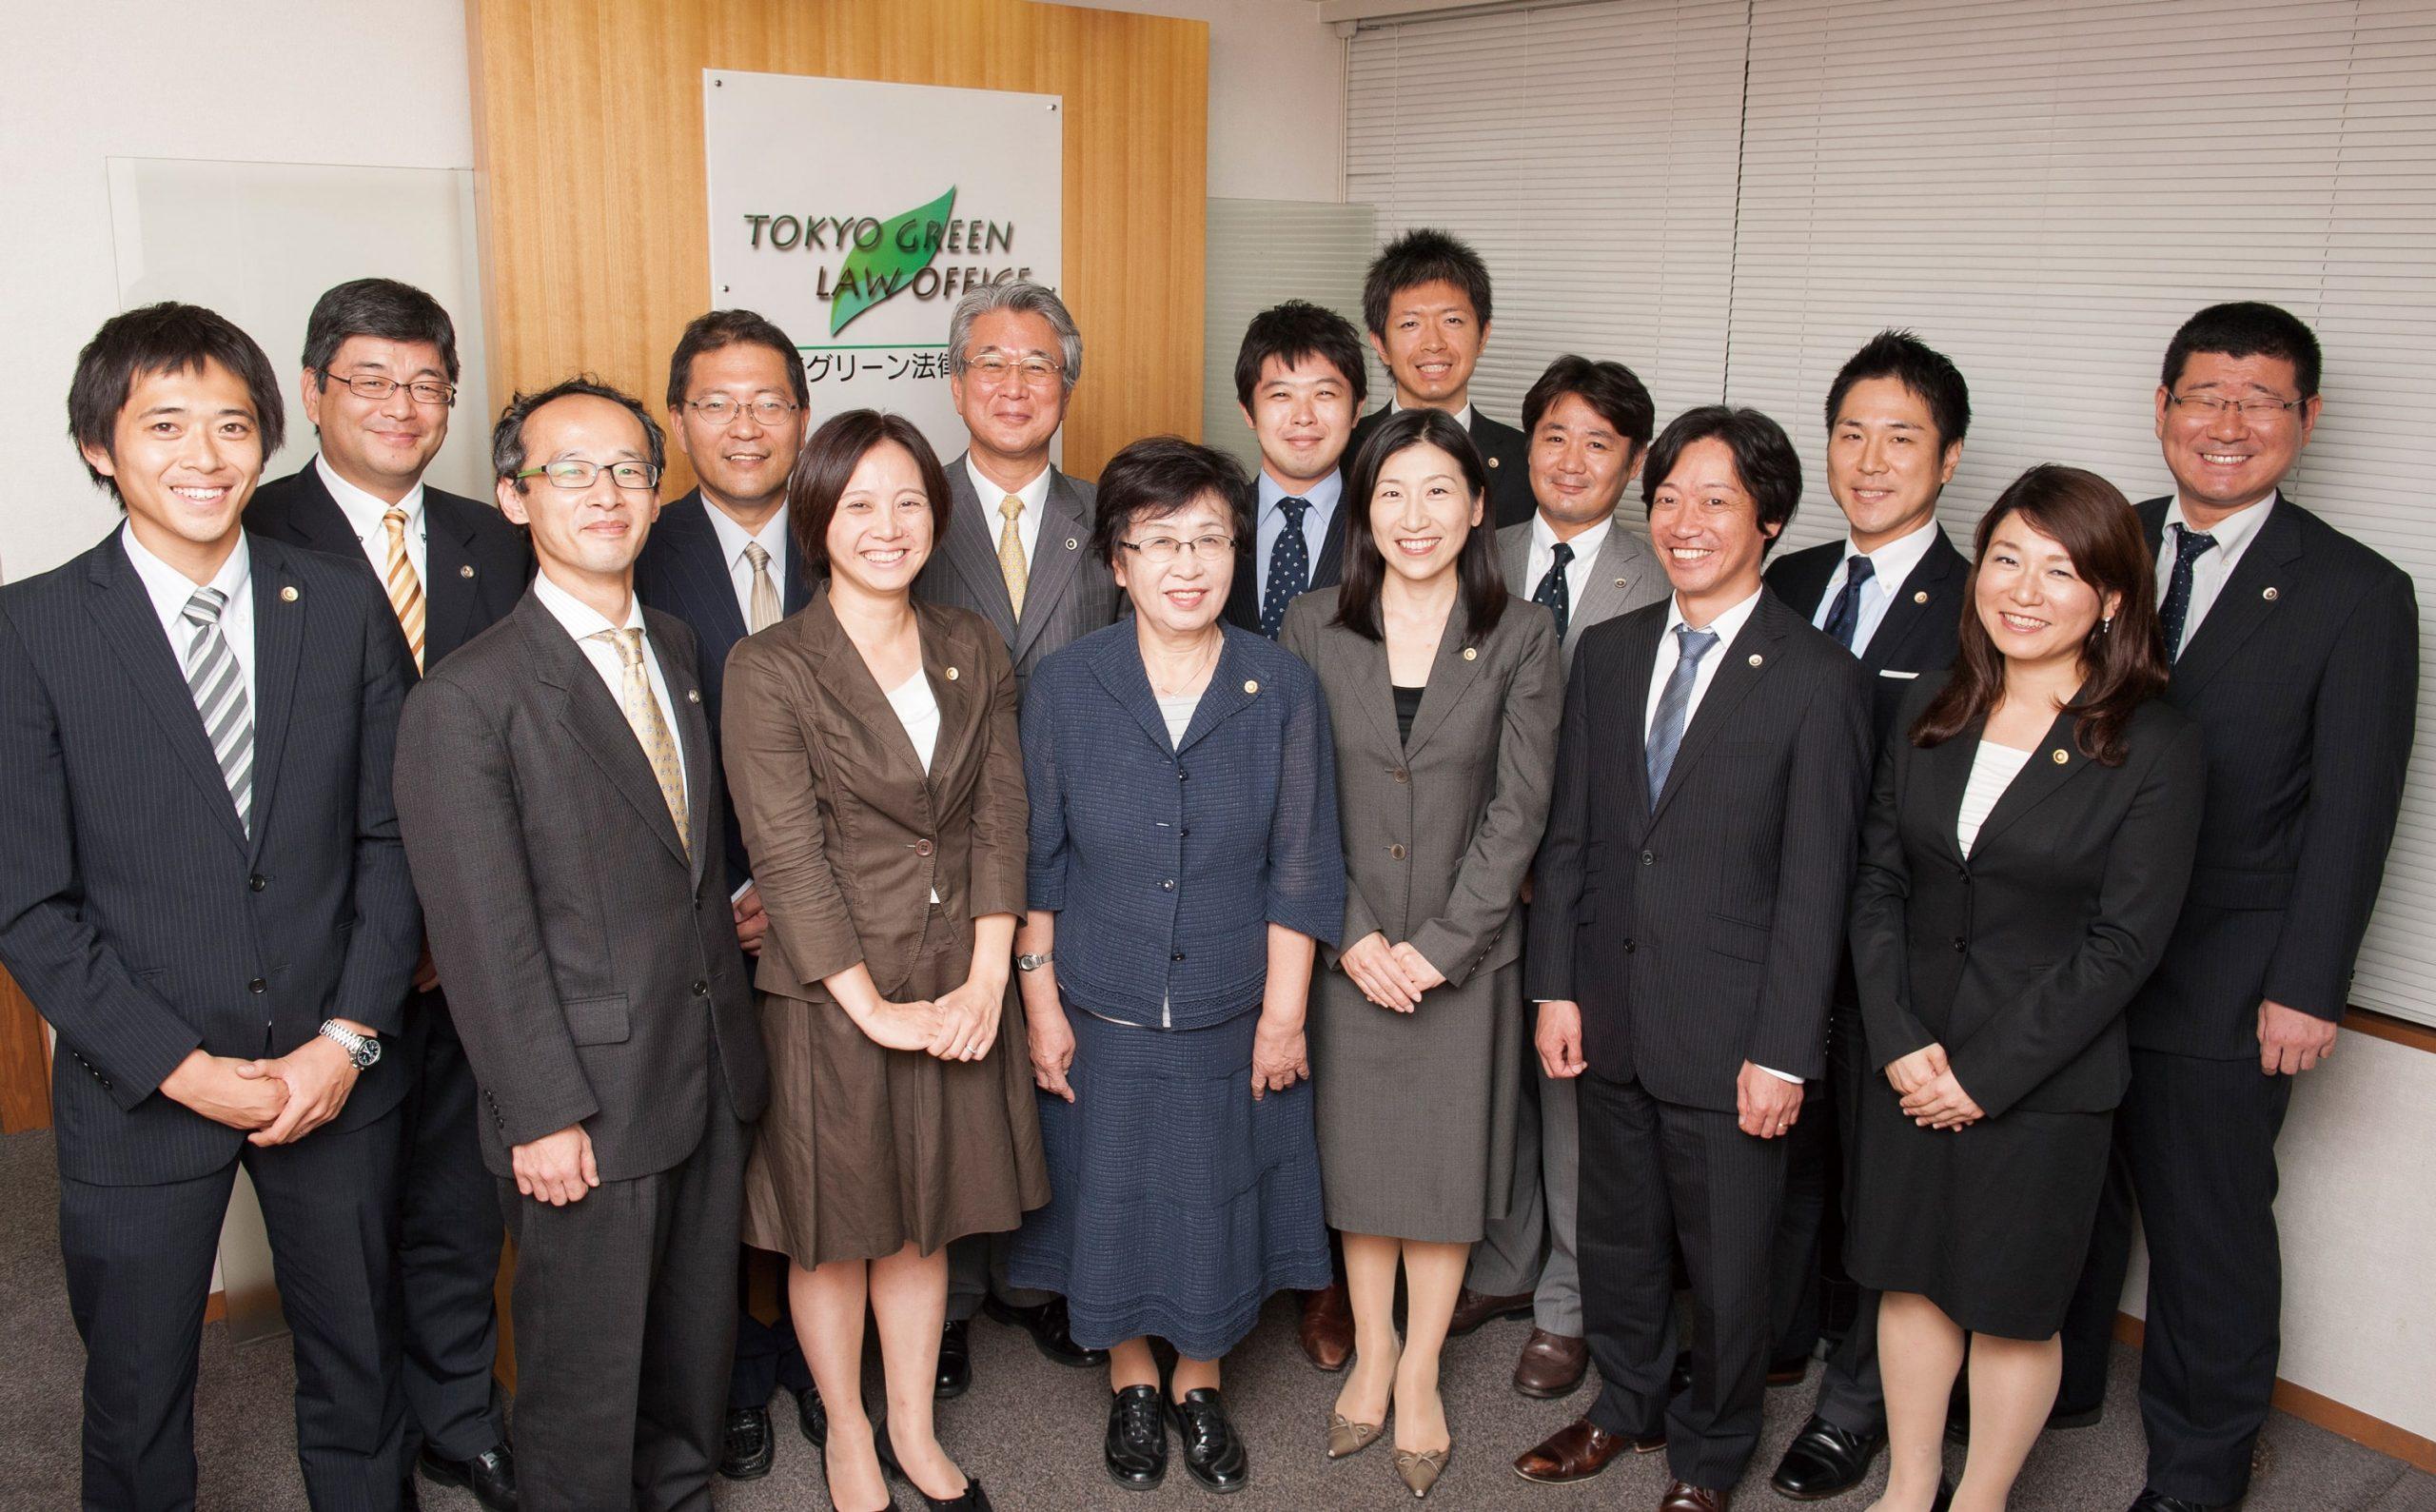 東京グリーン法律事務所